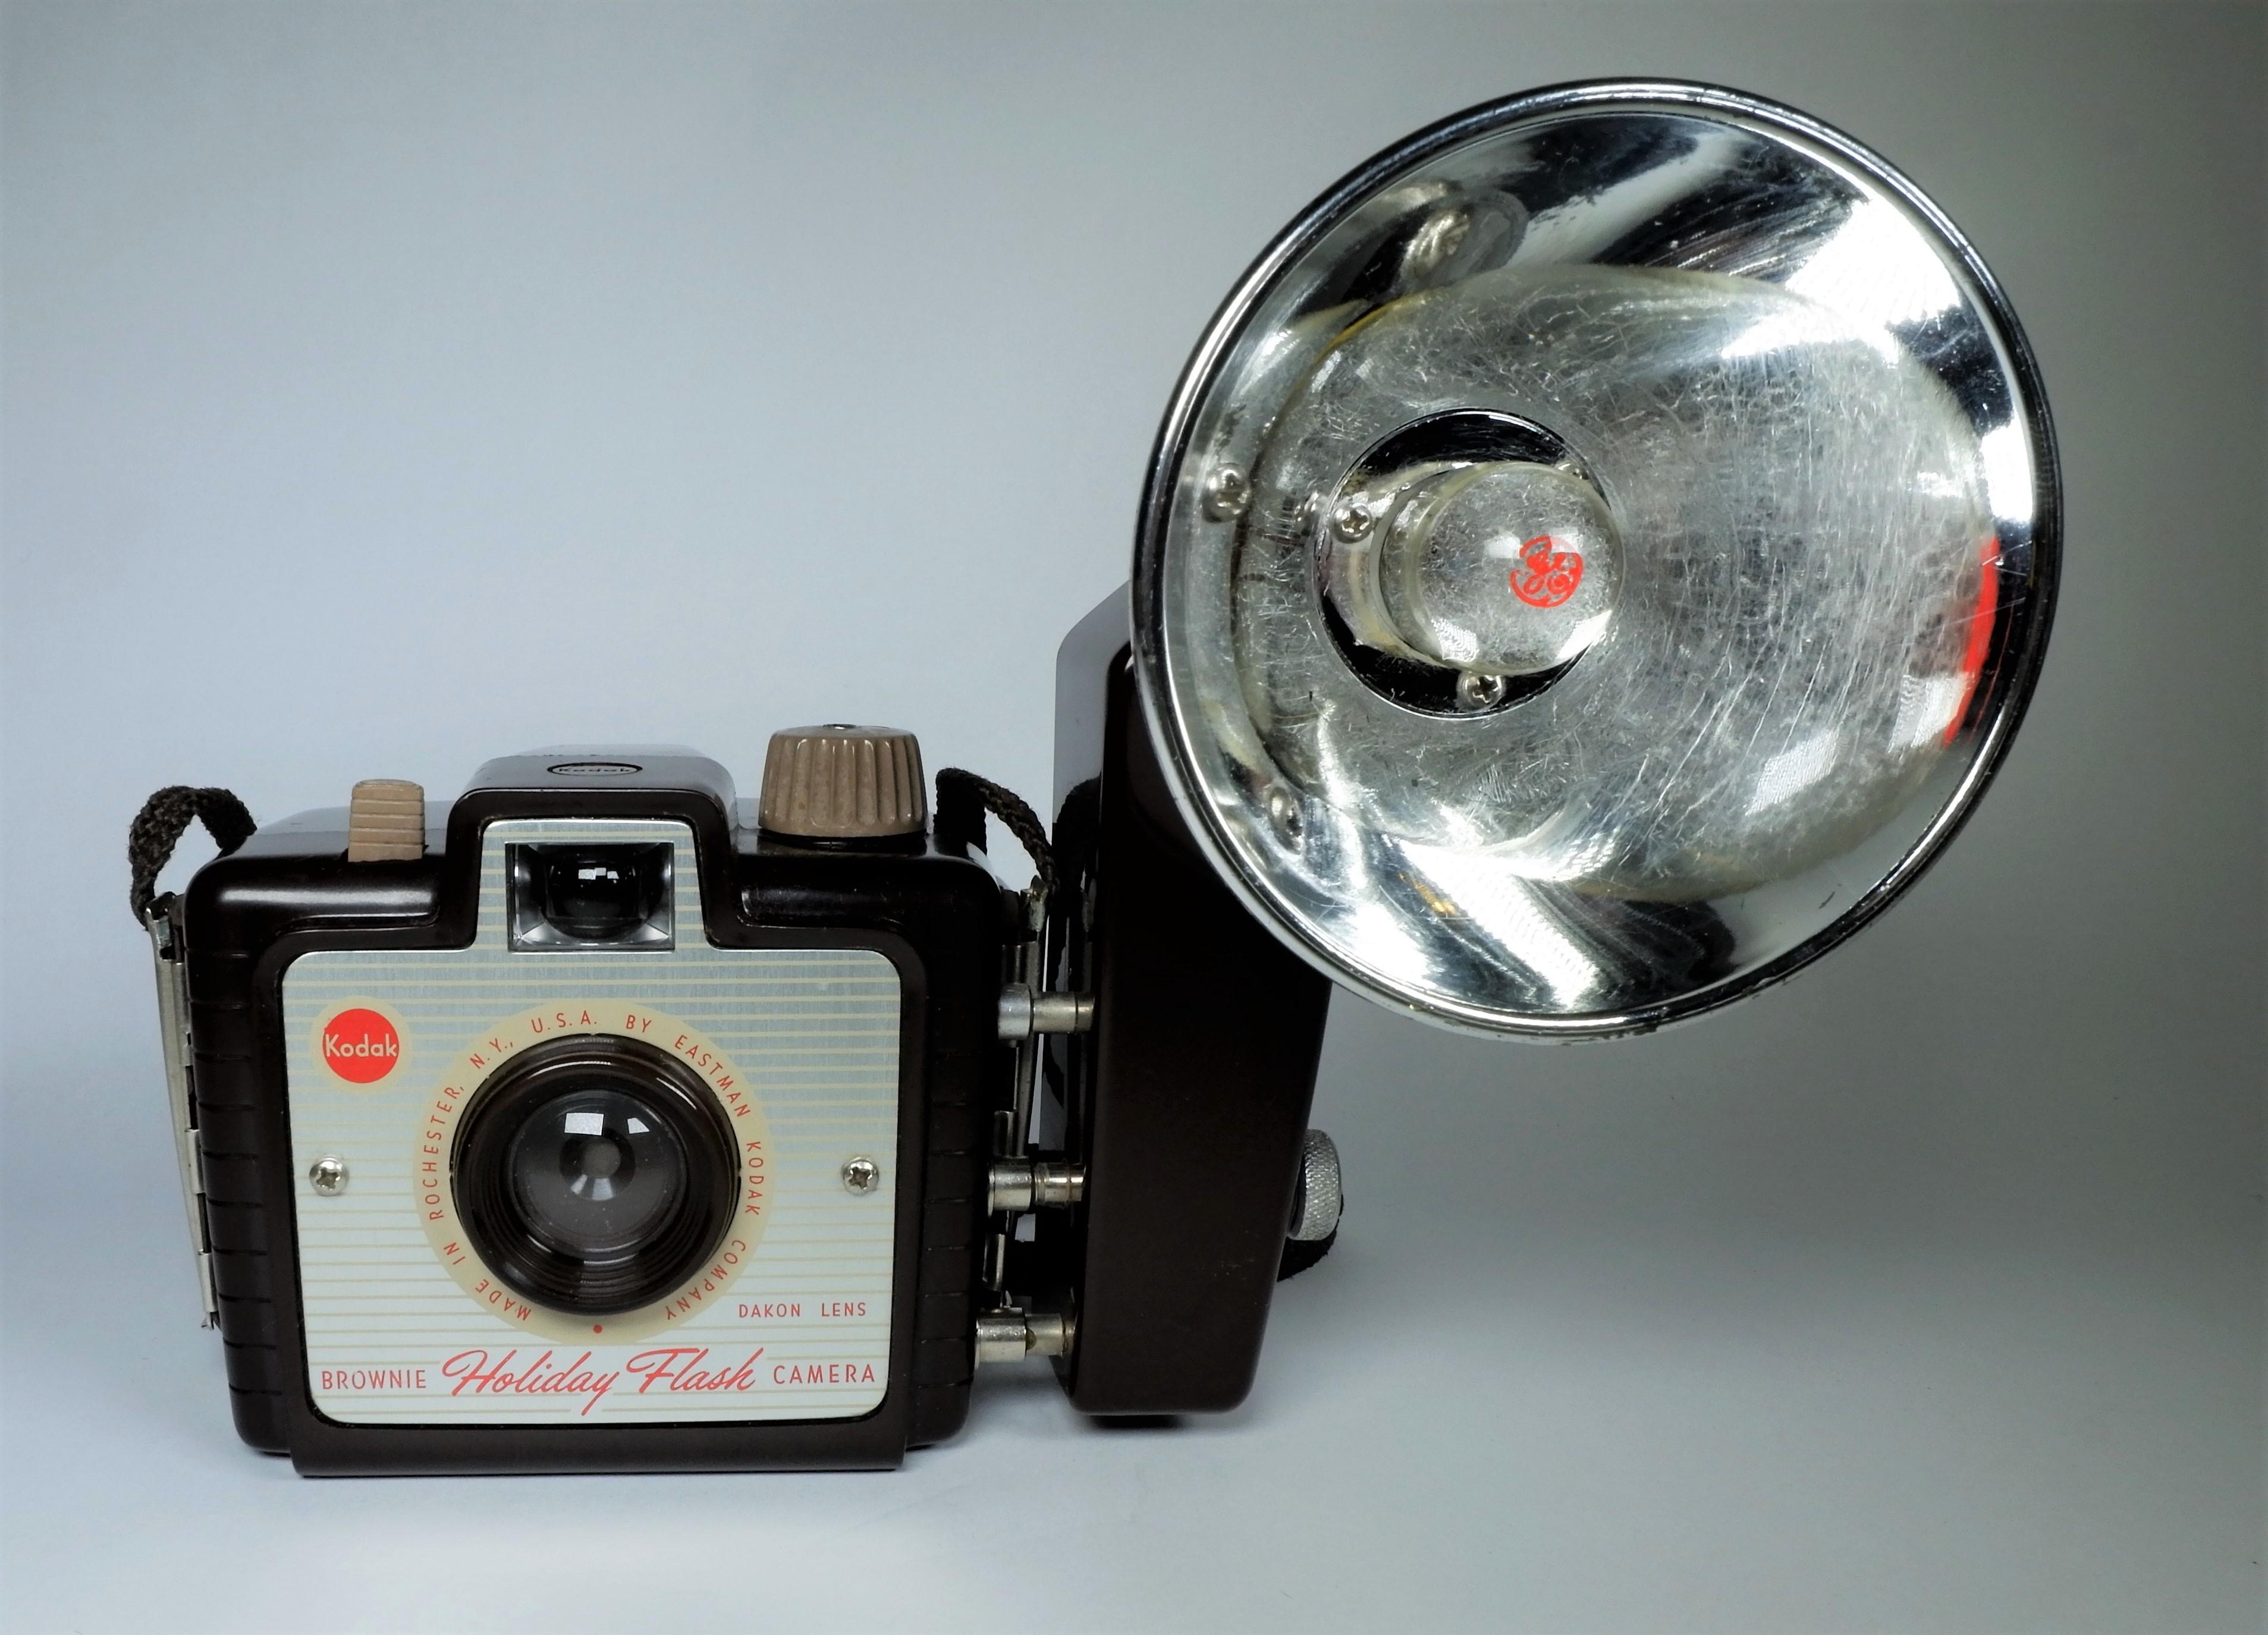 DSCF7607 (2)